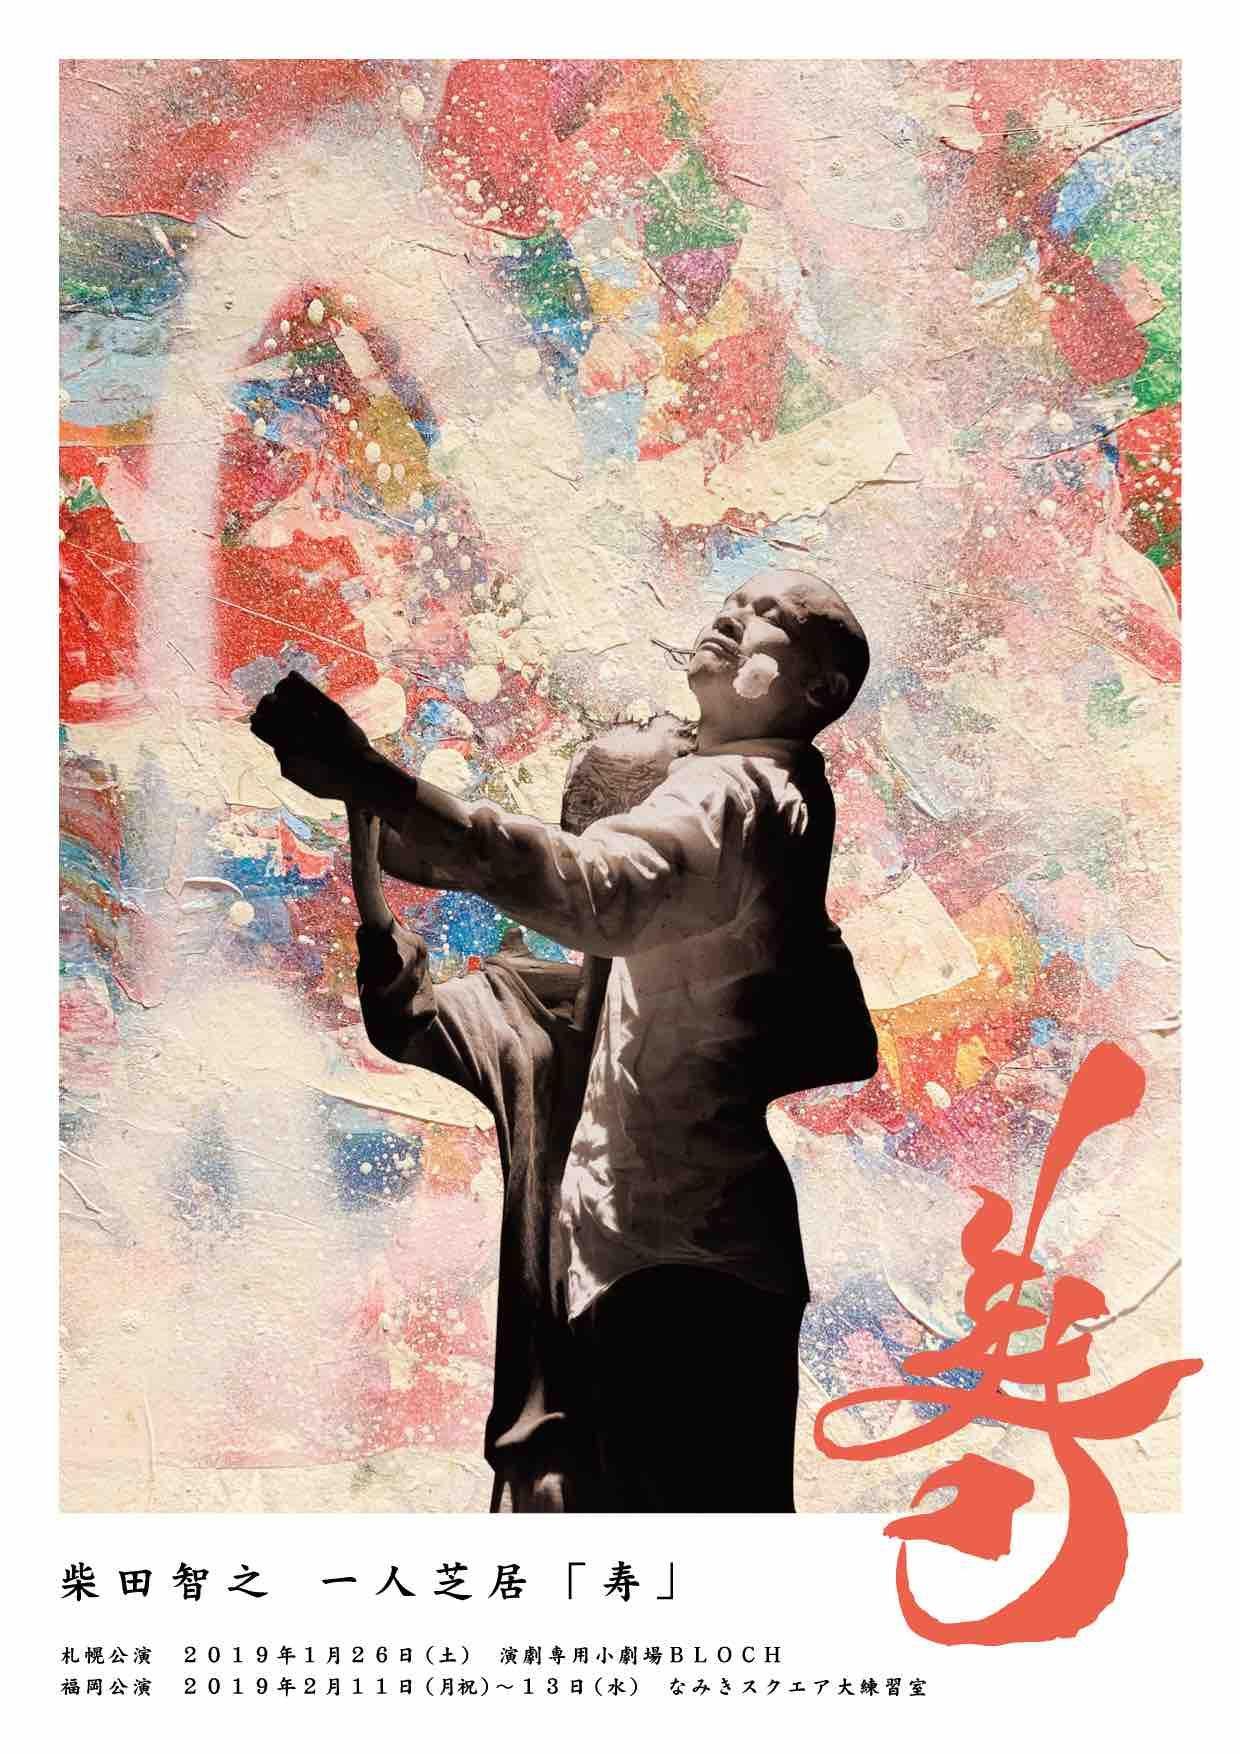 柴田智之 一人芝居「寿」 イメージ画像